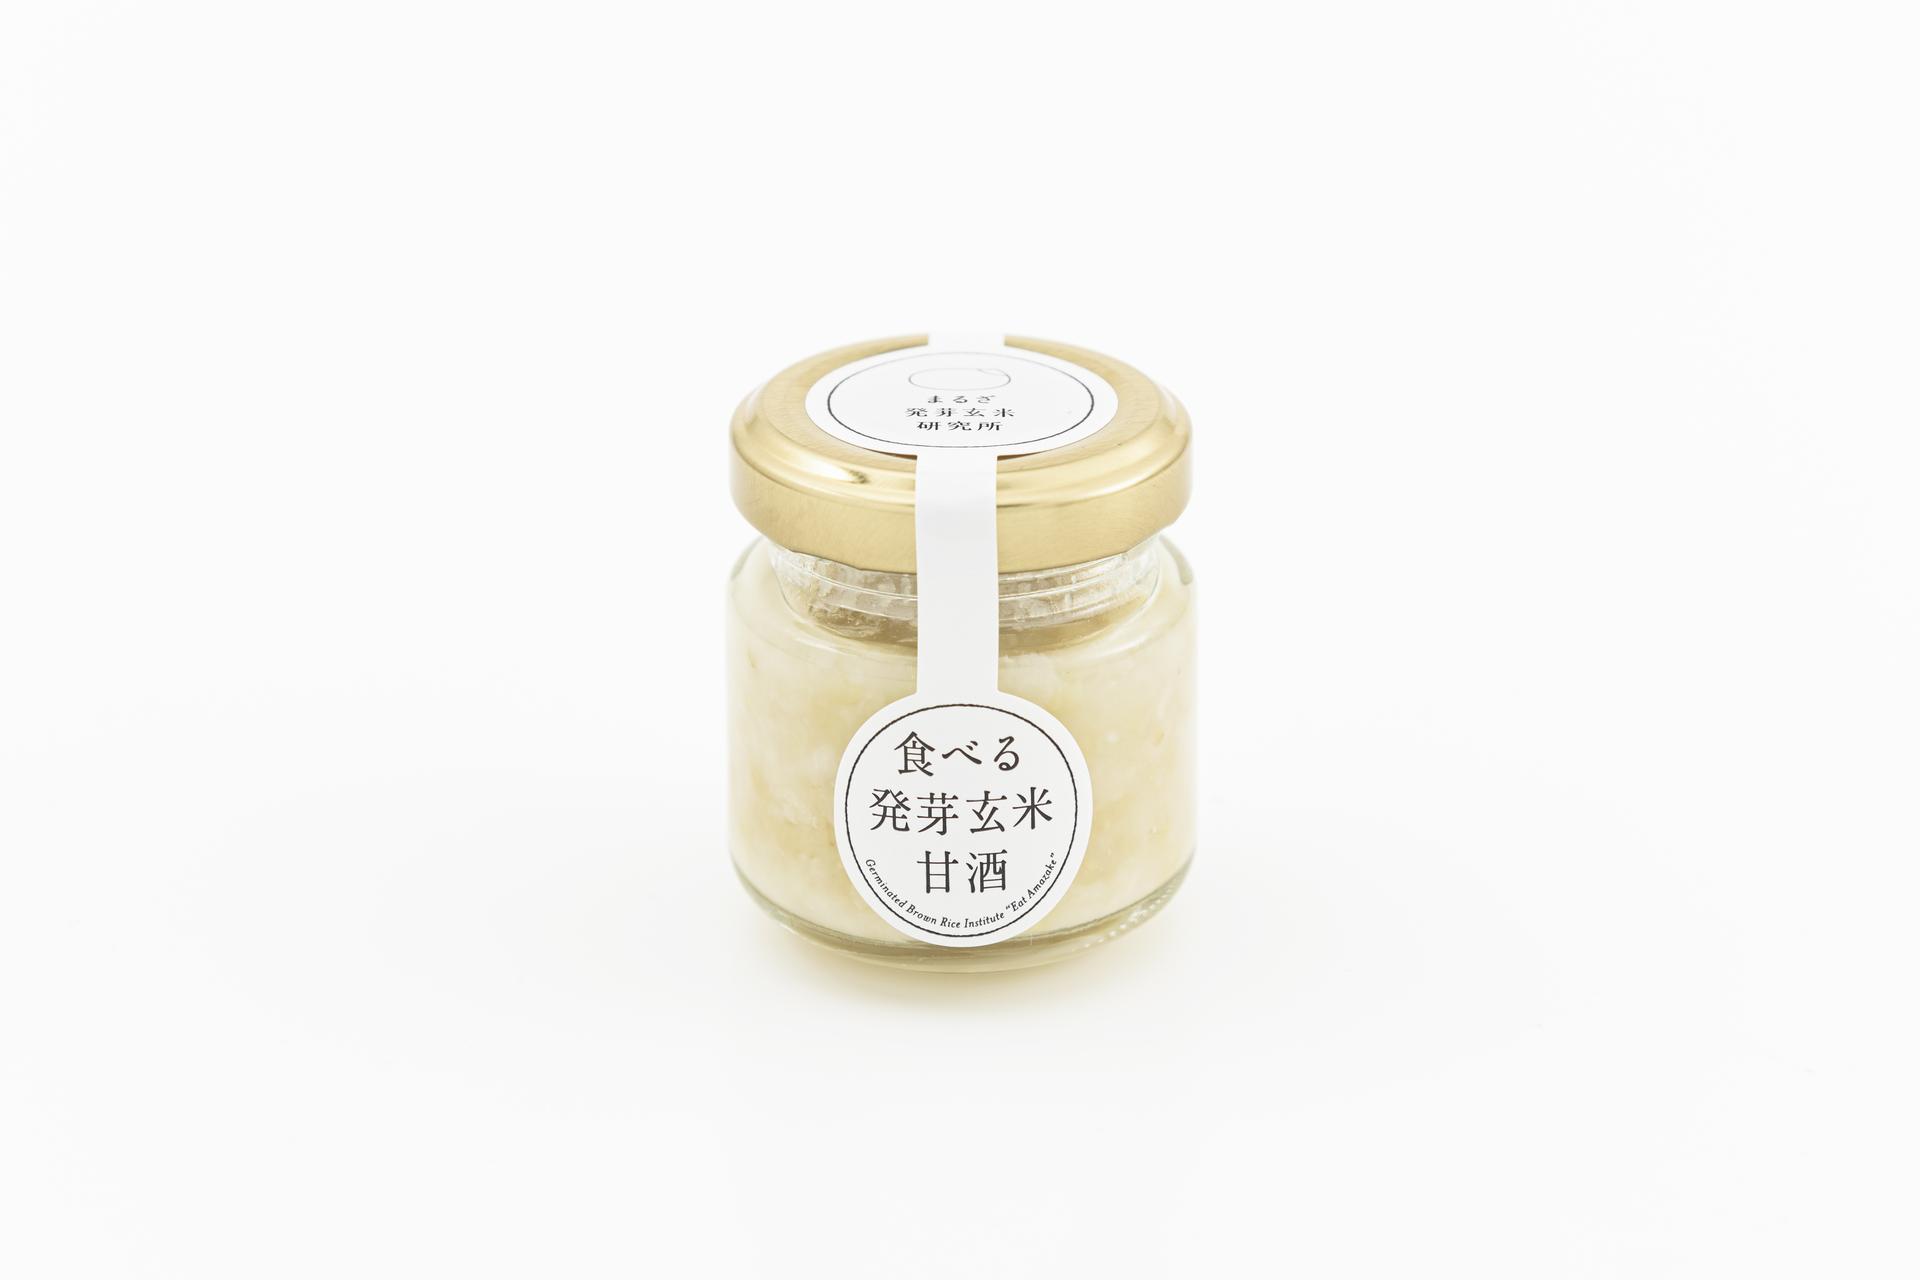 食べる発芽玄米甘酒(小)